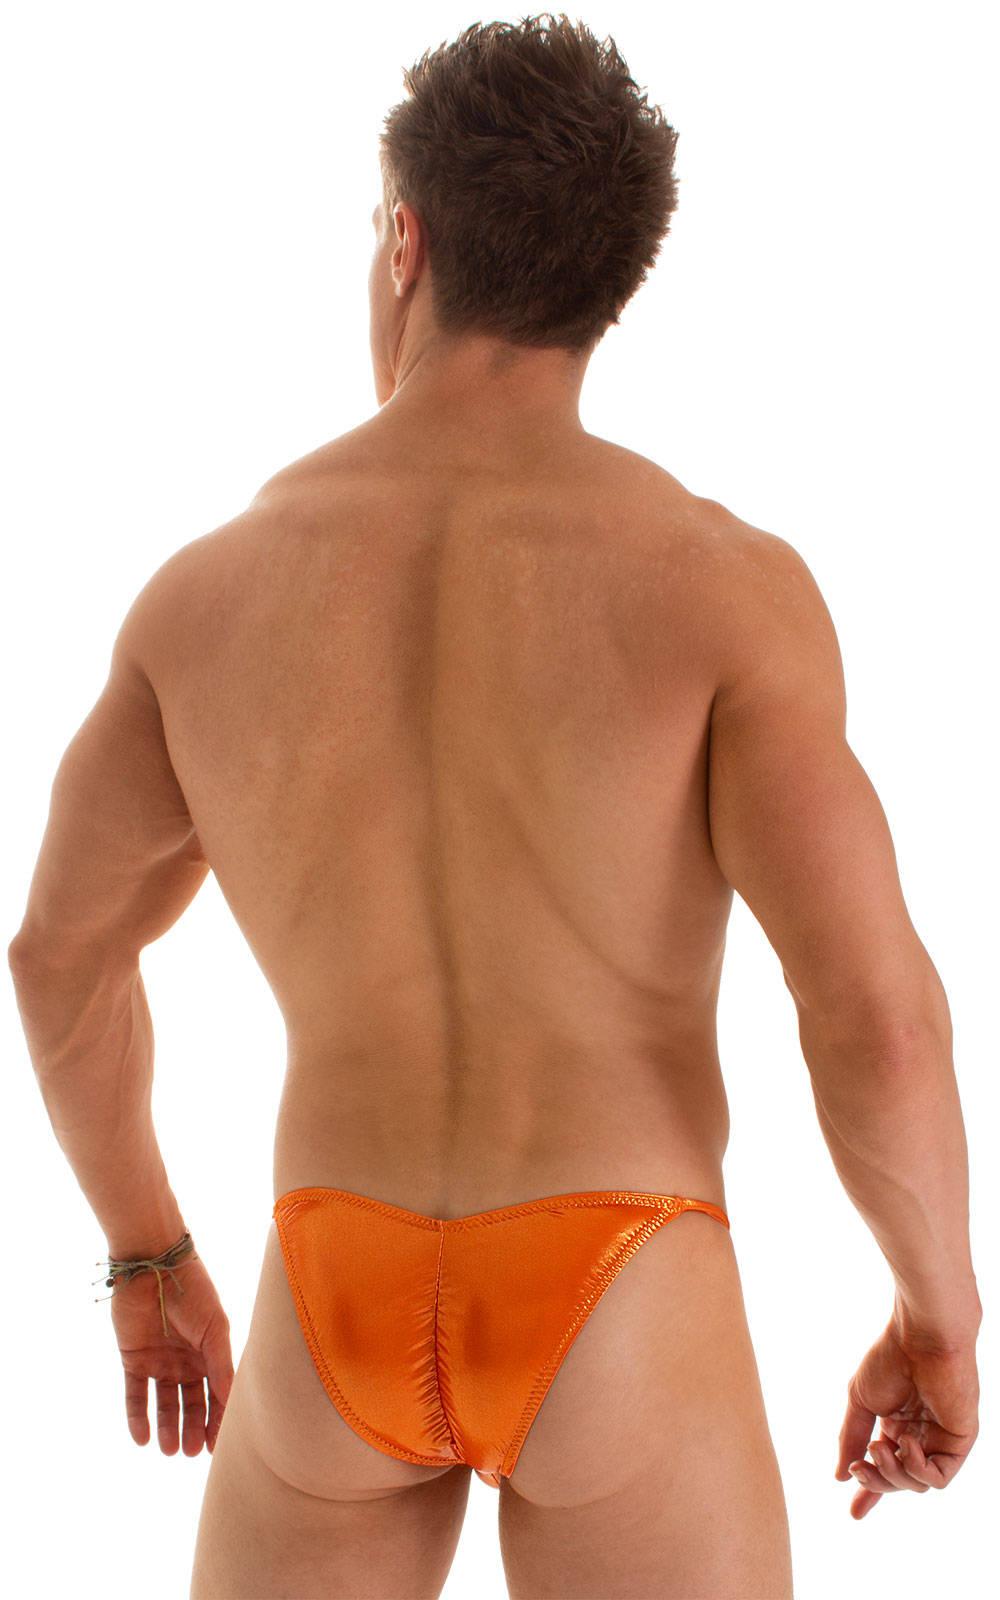 Micro Pouch - Puckered Back - Rio Bikini in Ice Karma Atomic Tangerine 1